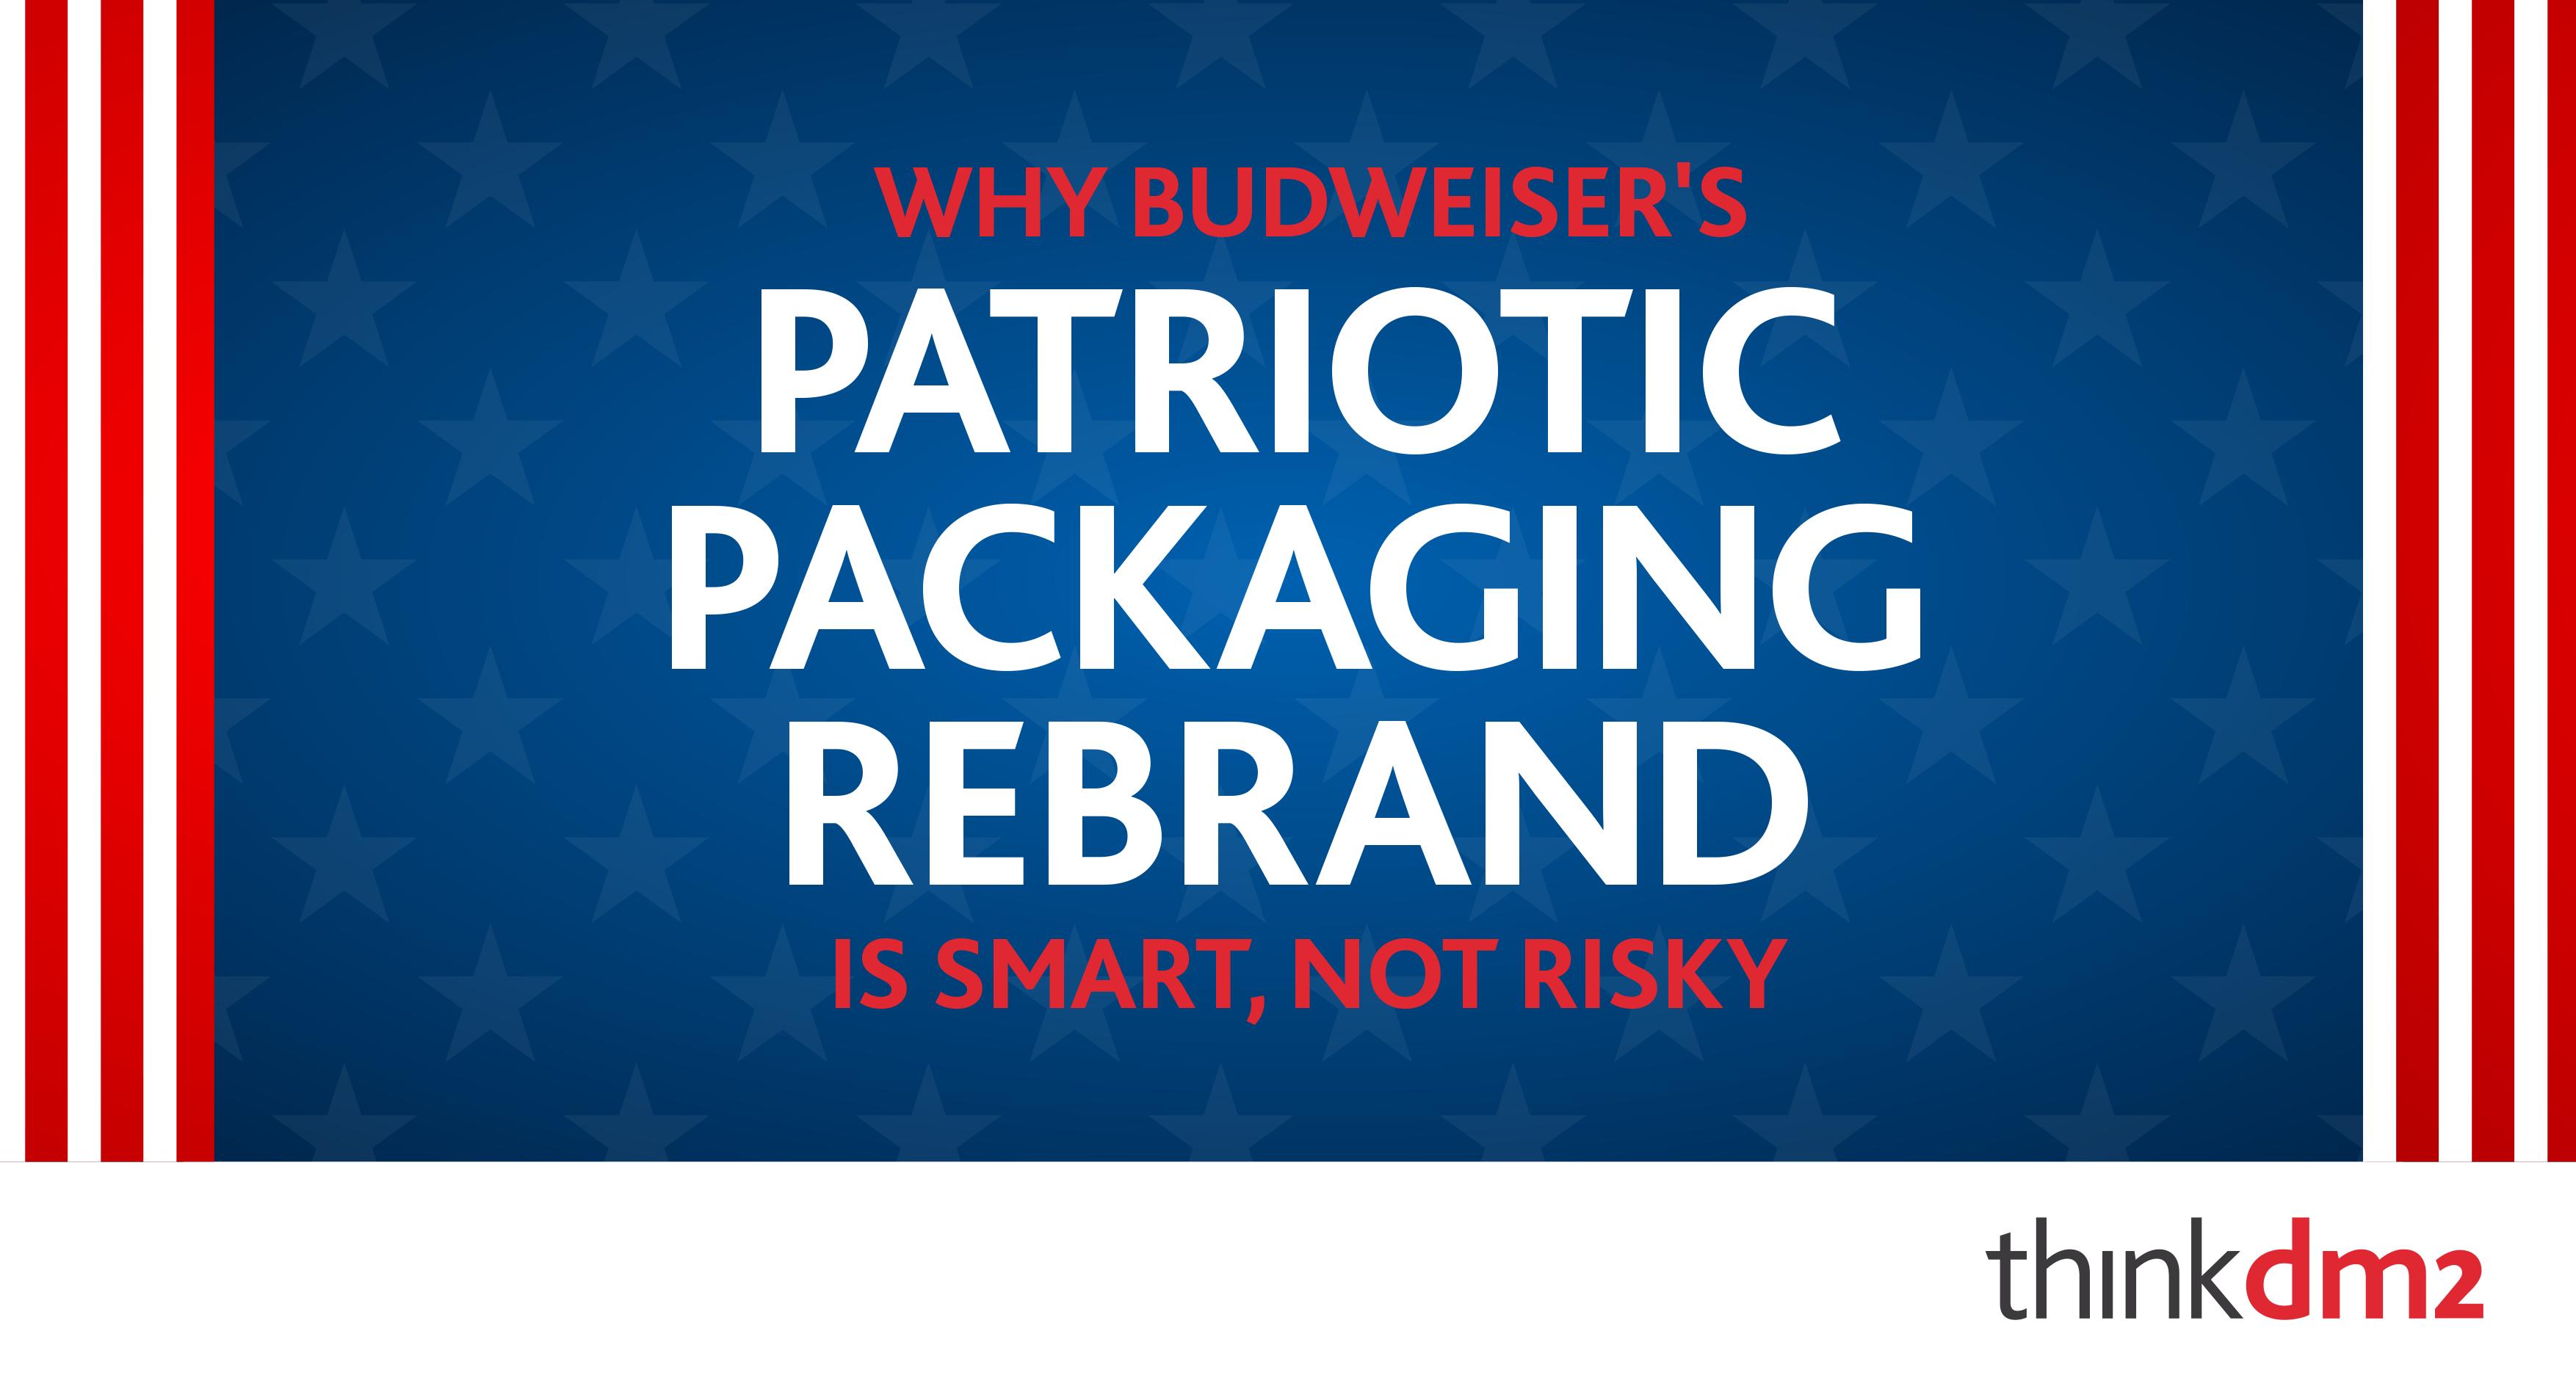 thinkdm2-patriotic-packaging-rebranding.png